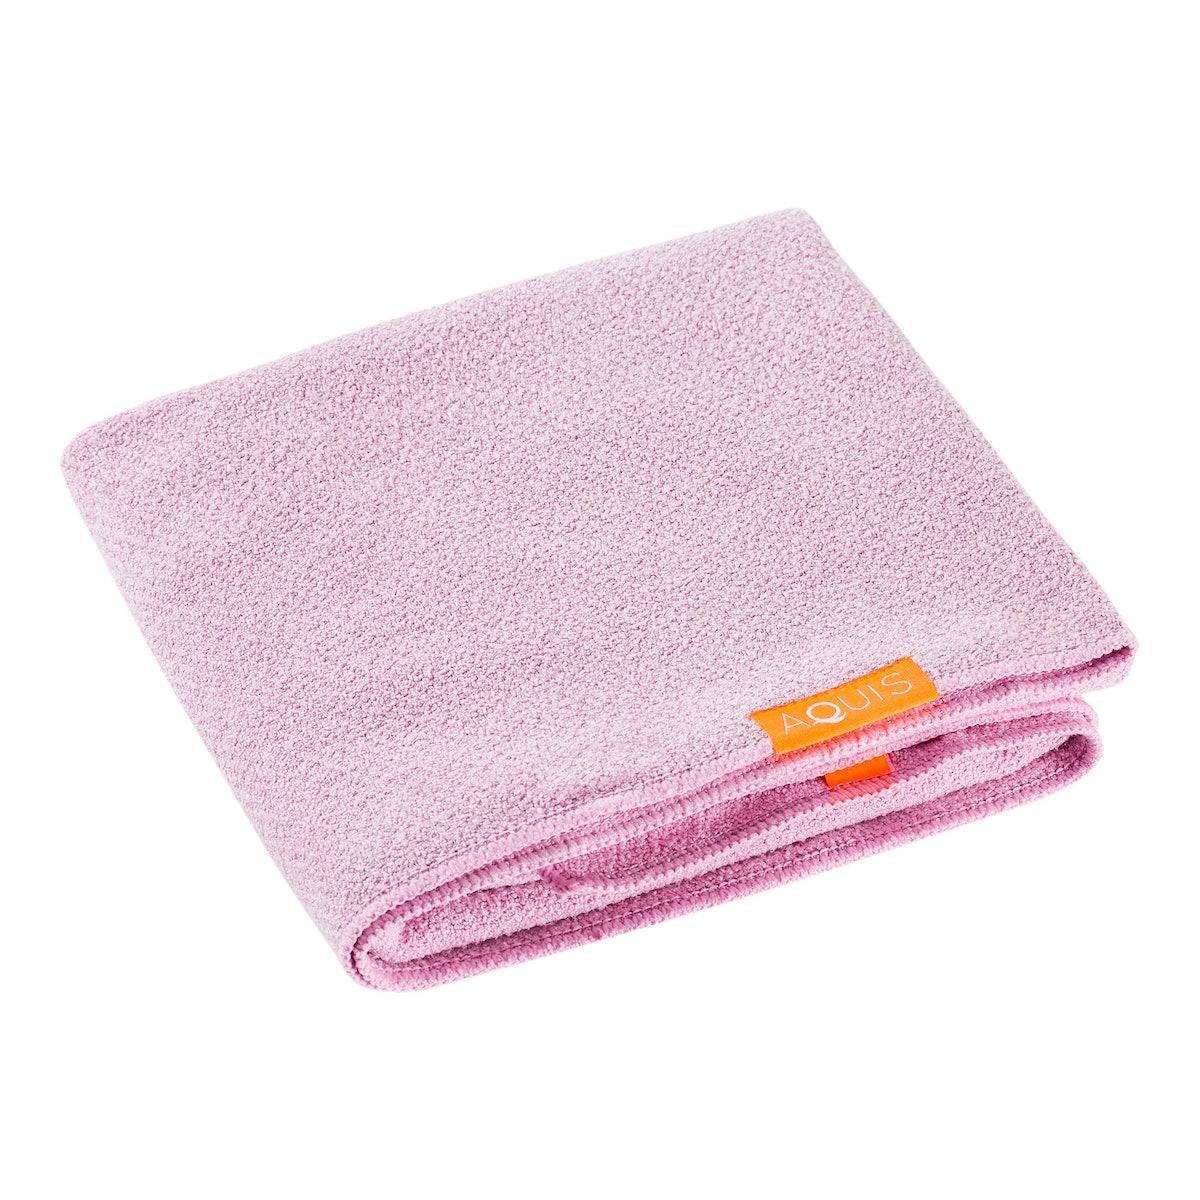 Rapid Dry Hair Towel